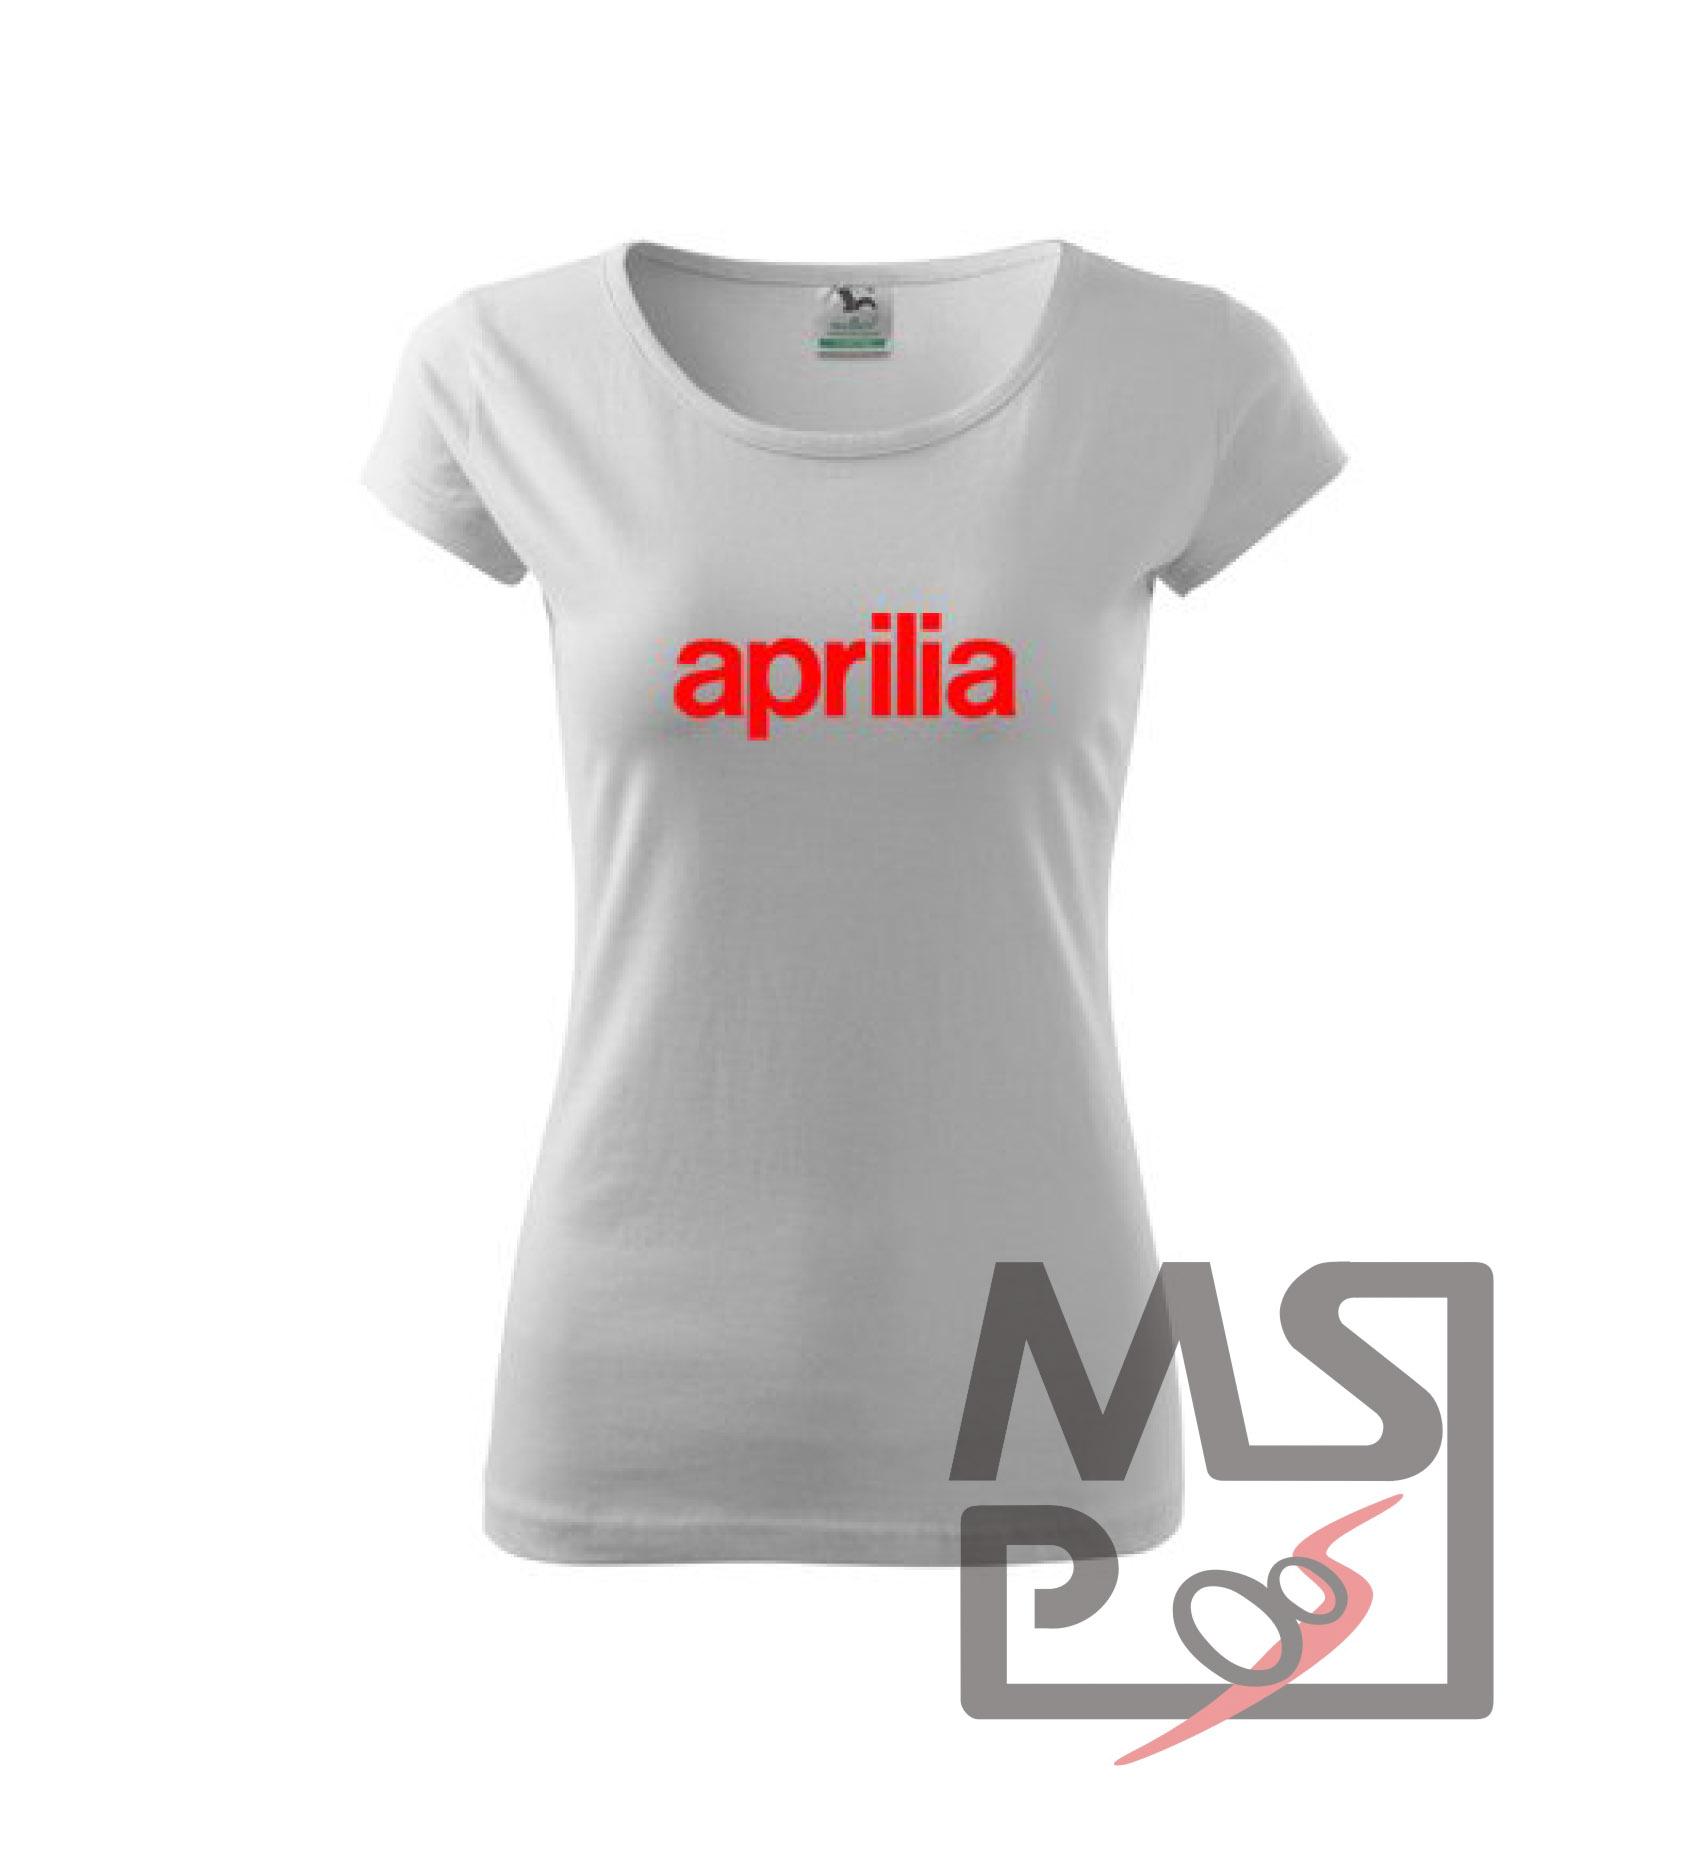 Dámske tričko MSP Aprilia